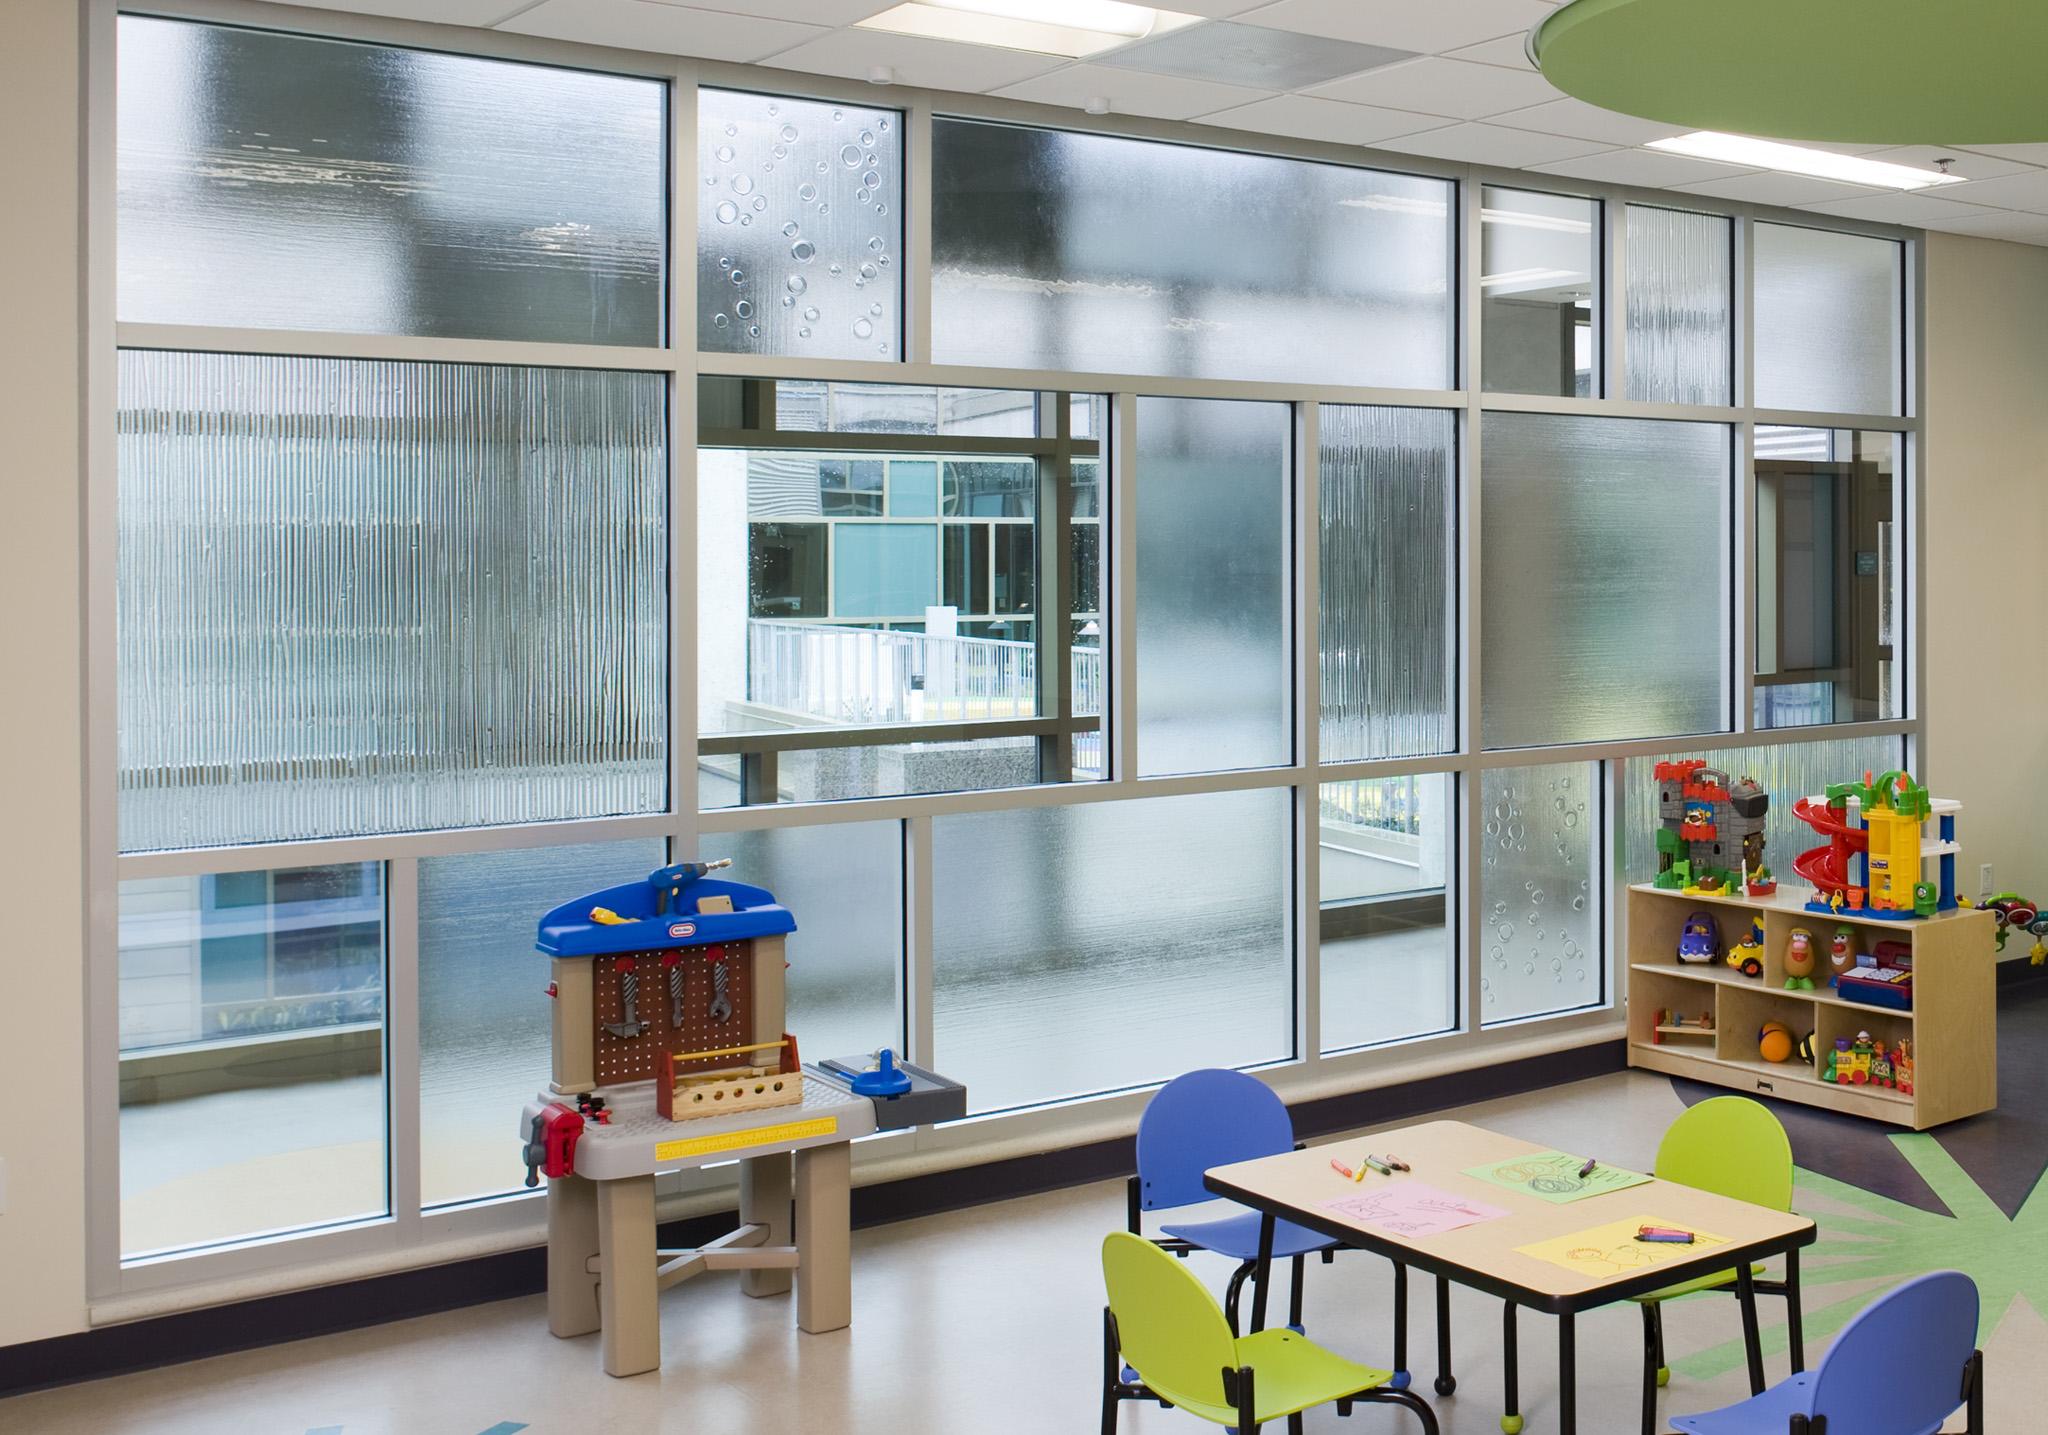 DELL CHILDREN'S MEDICAL CENTER Glass